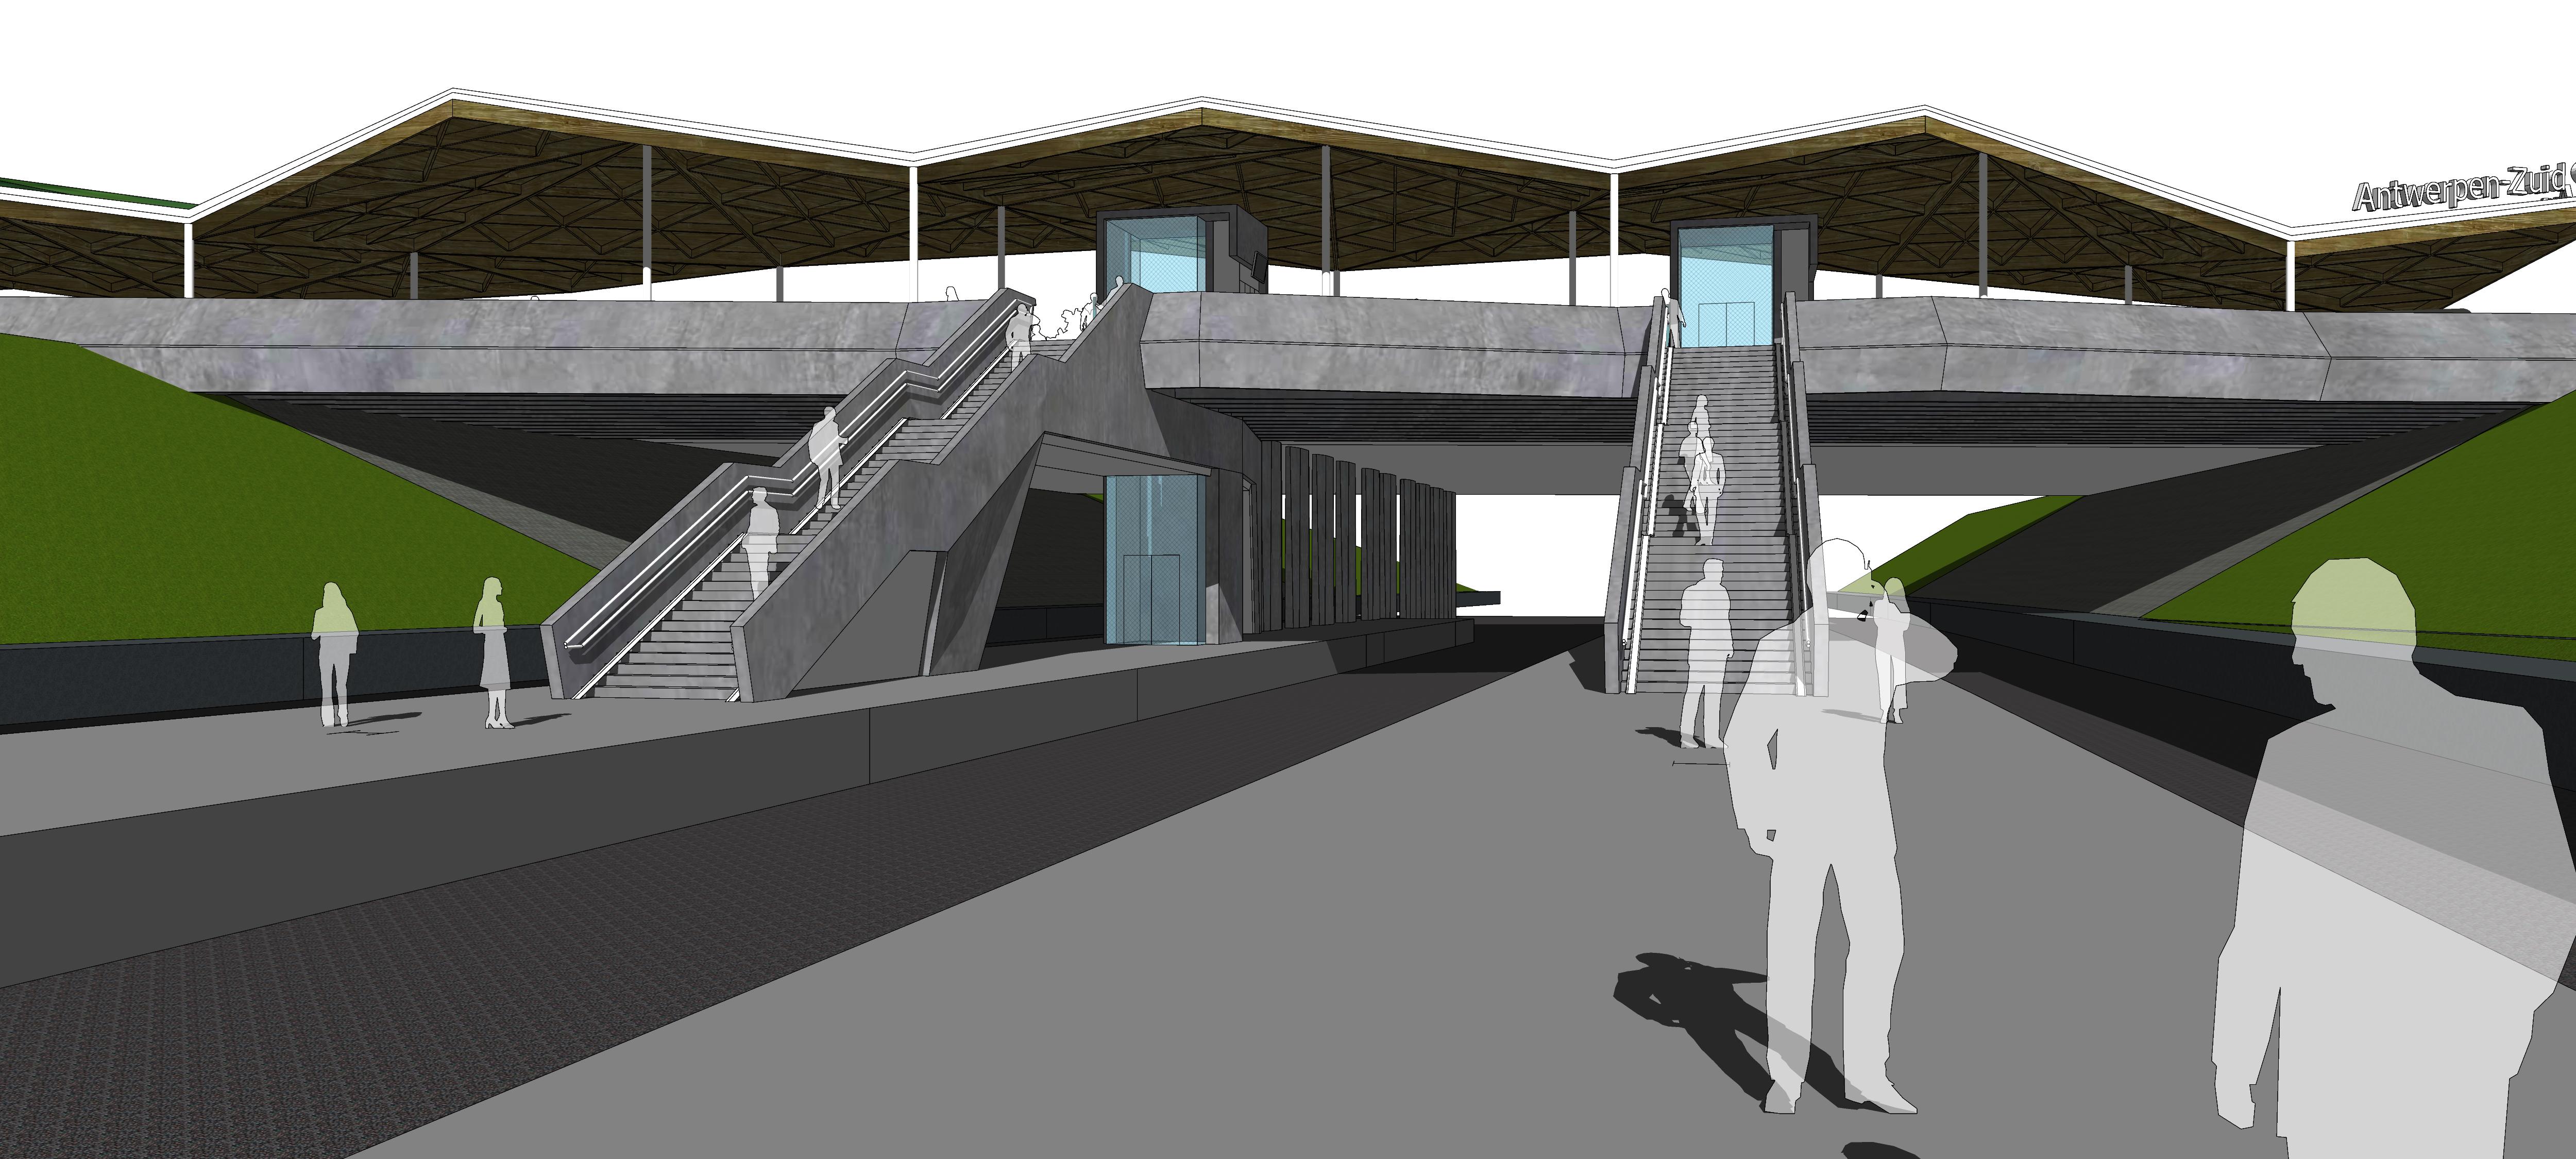 Zicht op de nieuwe trappen, liften en luifel vanop de perrons van station Antwerpen-zuid.